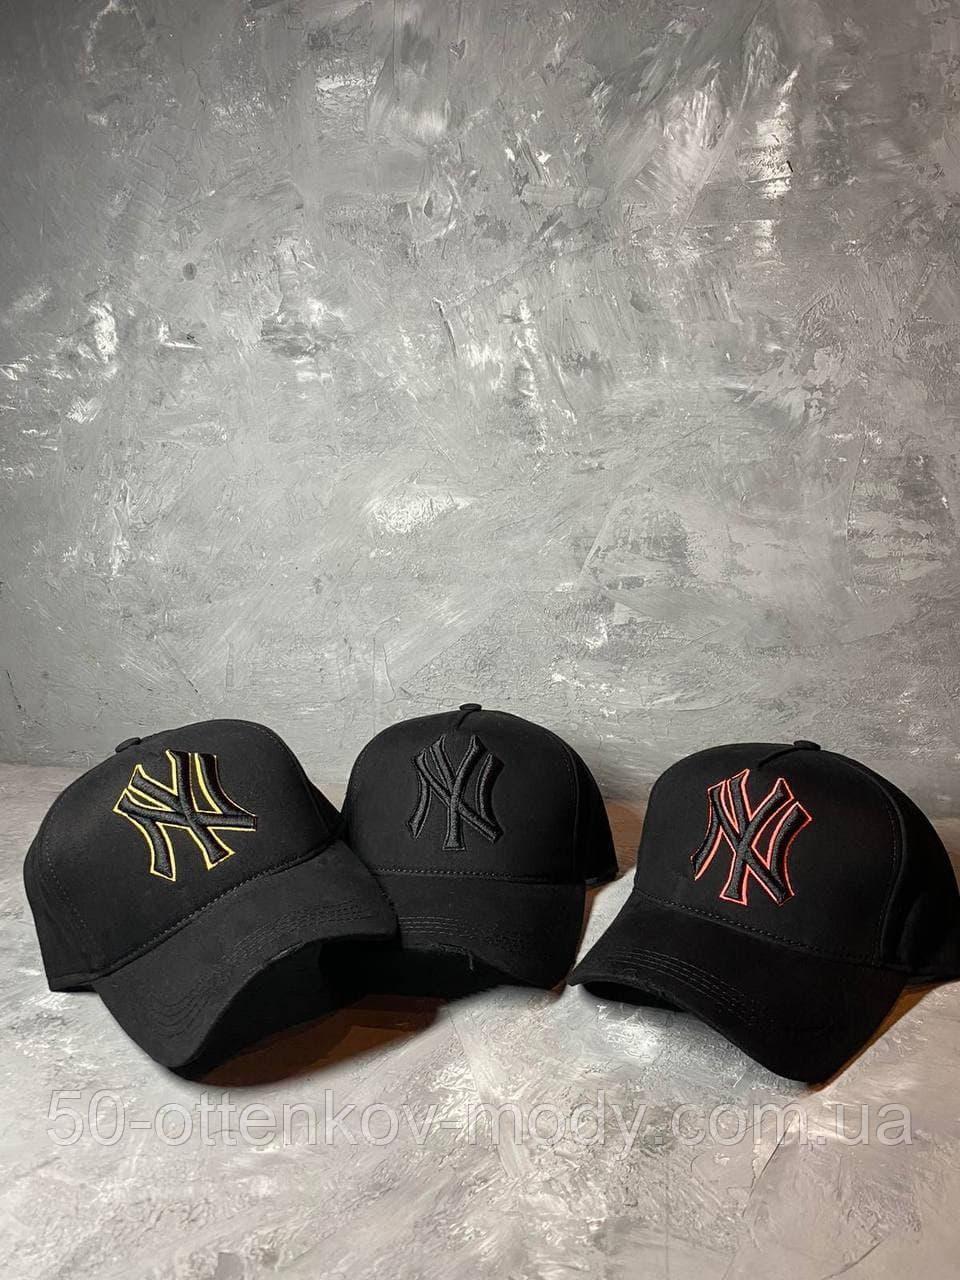 Жіноча бейсболка кепка NY з логотипом